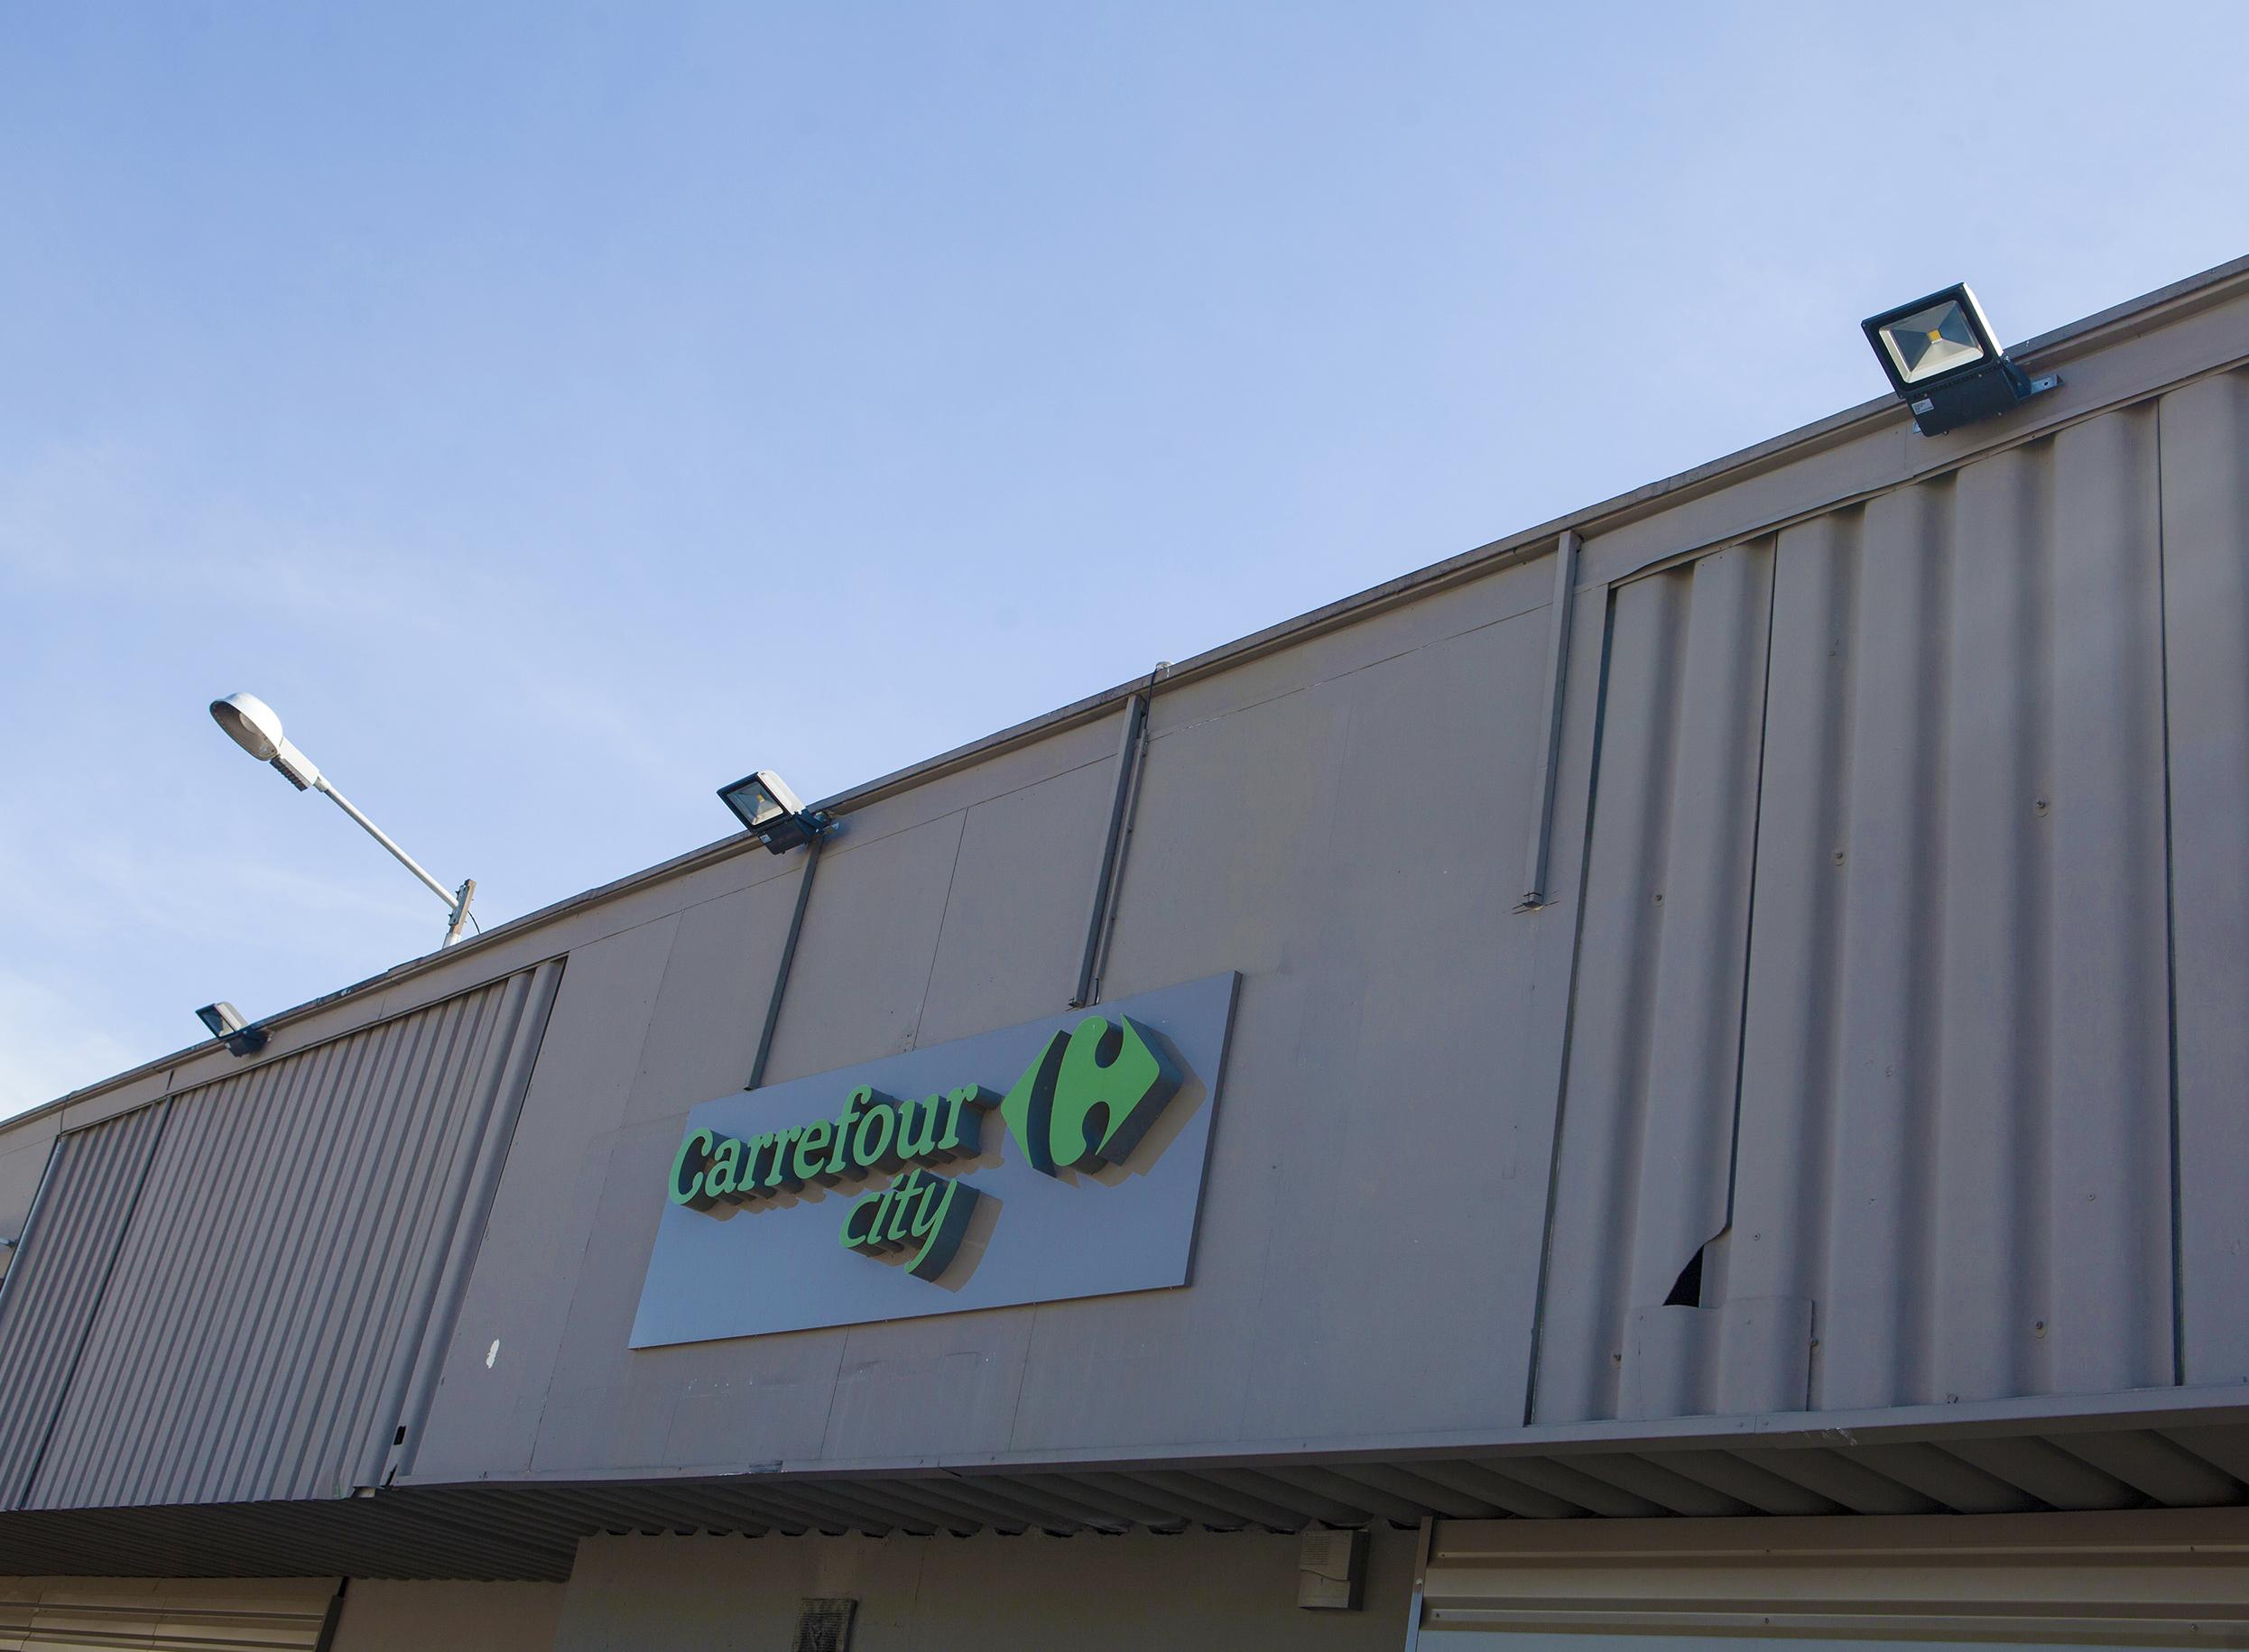 Éclairage extérieur de l'enseigne Carrefour City